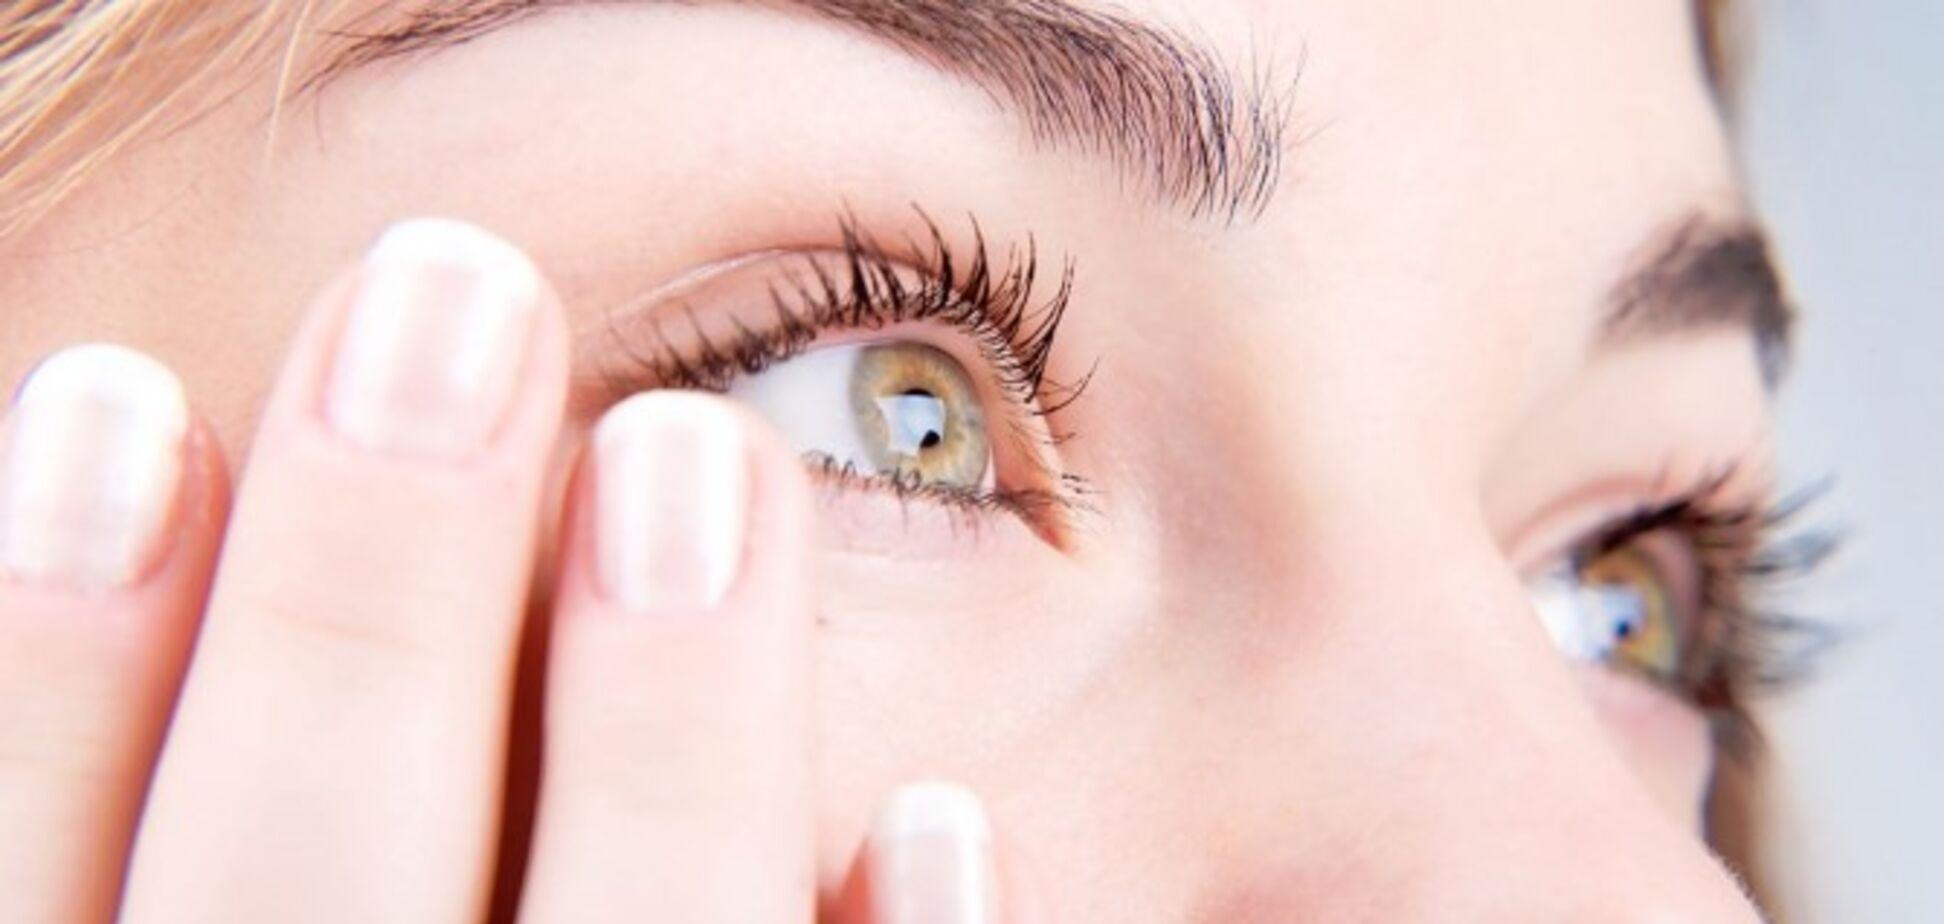 Чувство 'песка в глазах': лечение